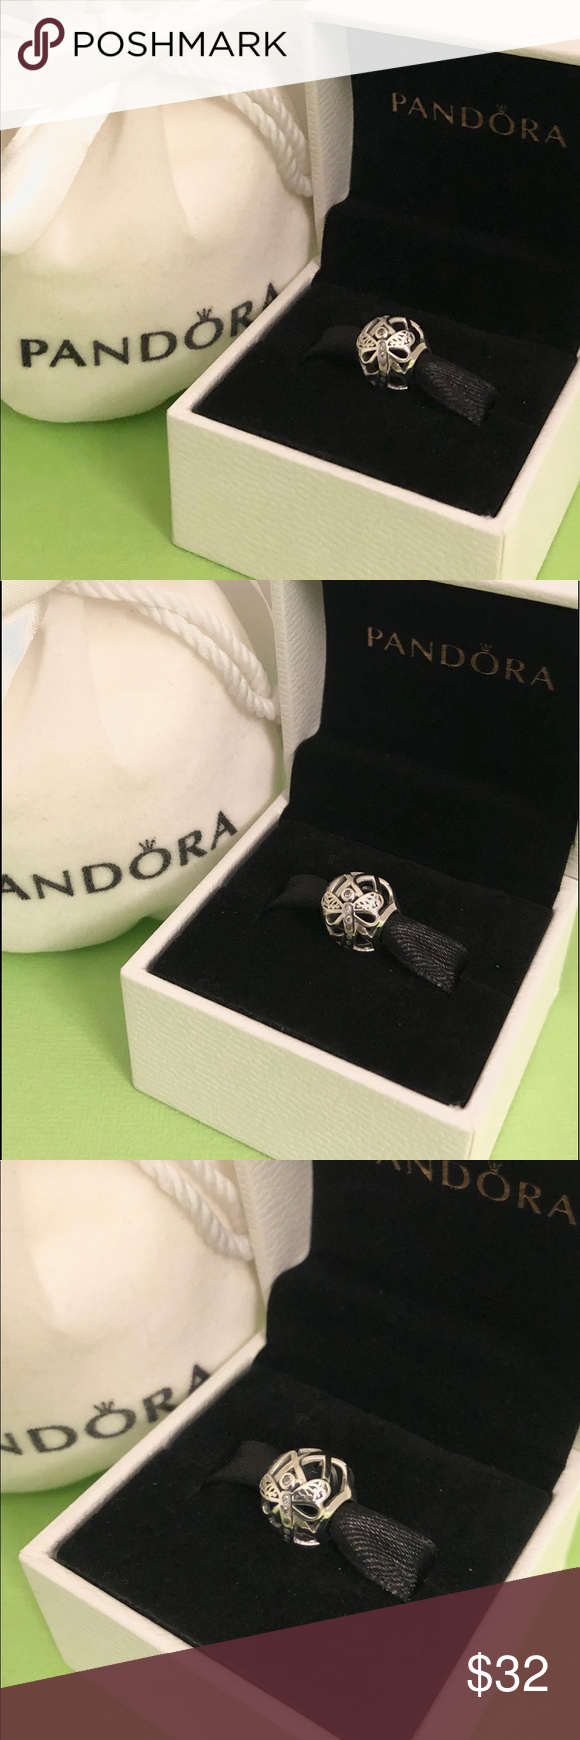 0b8c8b114 New Pandora Silver 🌿Dreamy Dragonfly Charm🌷 New Authentic Pandora Silver  🌿Dreamy Dragonfly 🌿🌷Openwork Charm with Pandora Charm Pouch Authentic ...